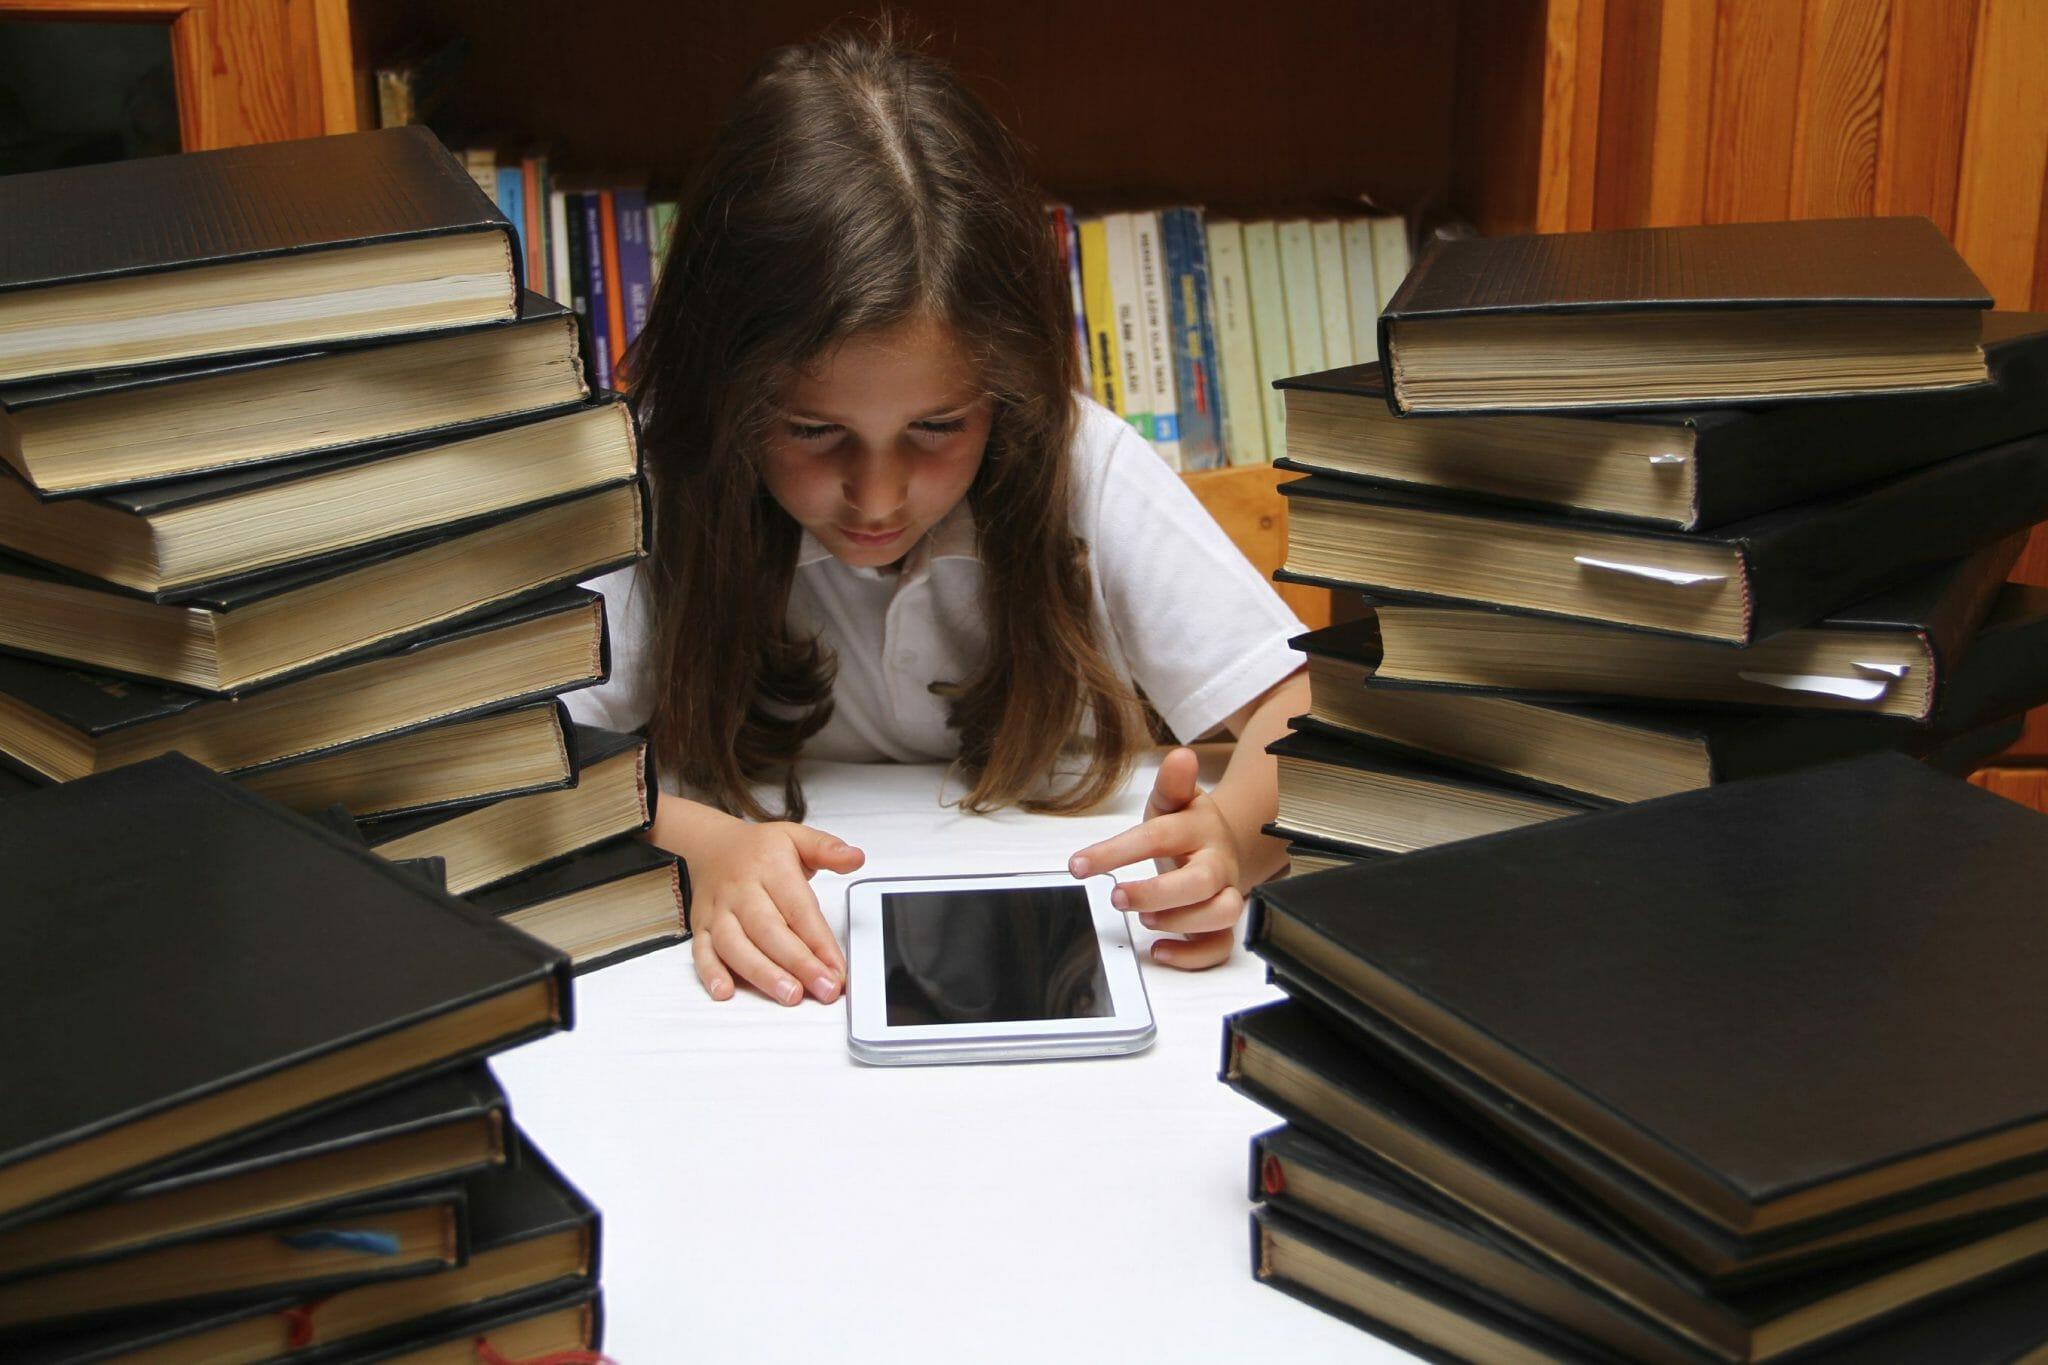 ebook e-book libri libro leggere lettura